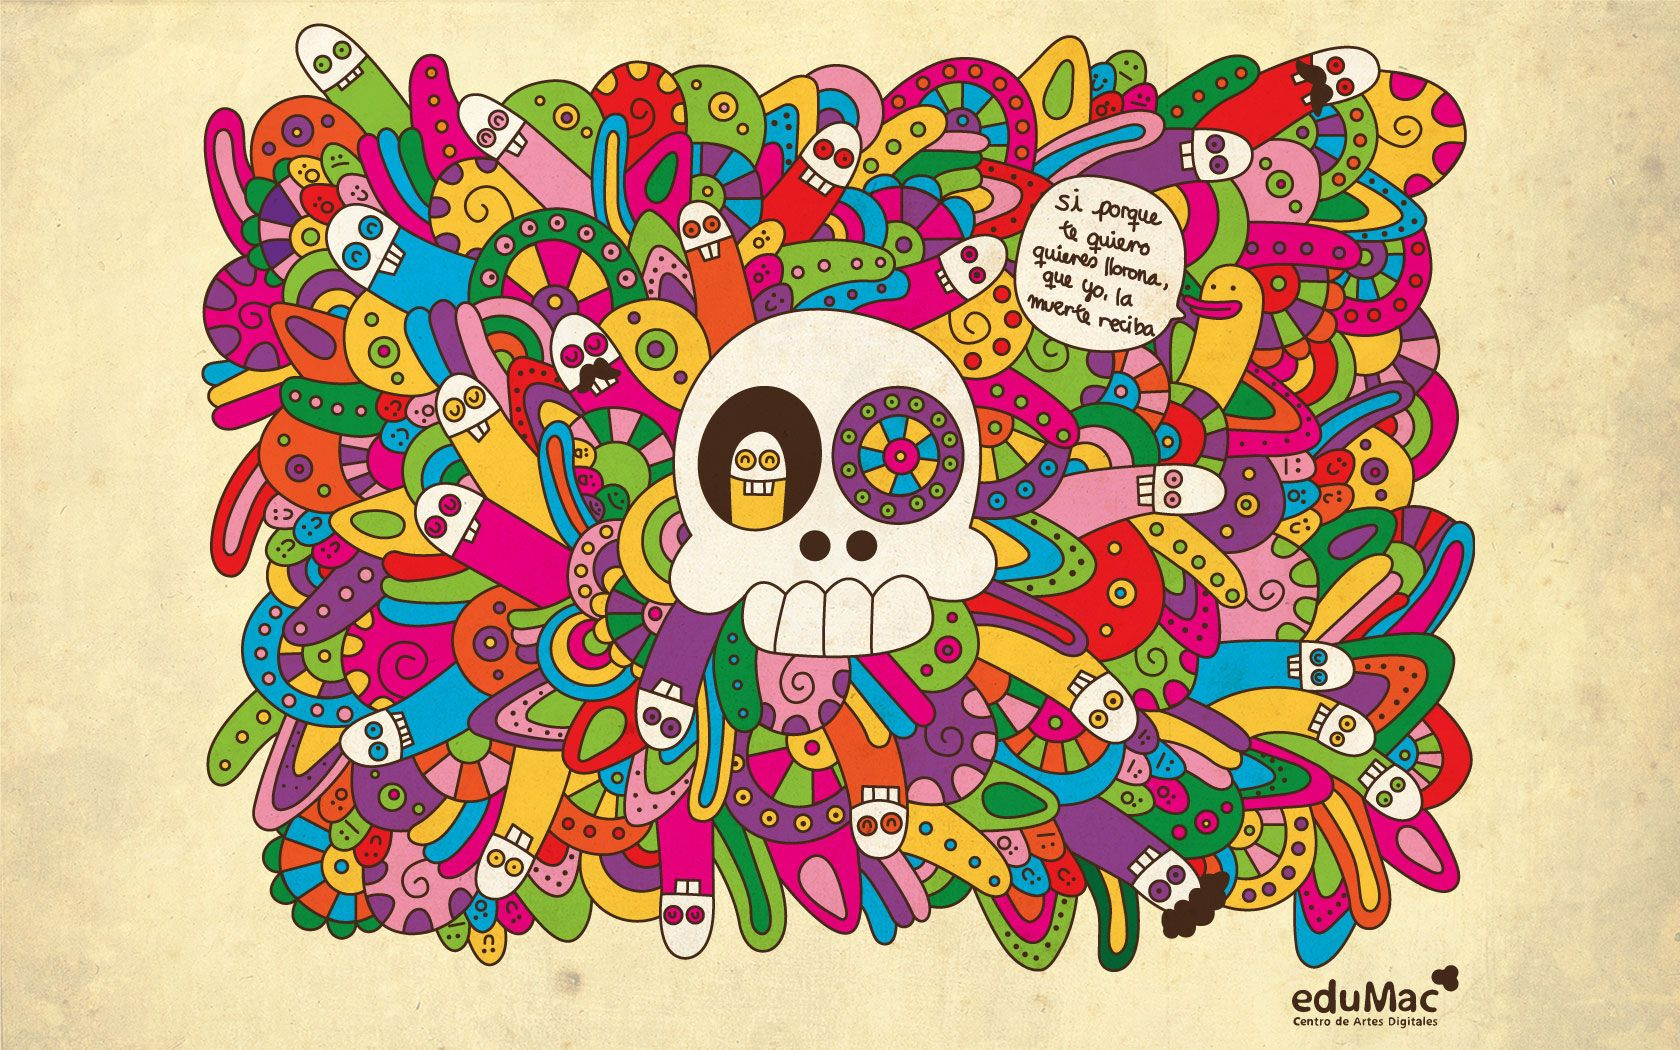 Calavera Mexicana Wallpaper | www.pixshark.com - Images ...